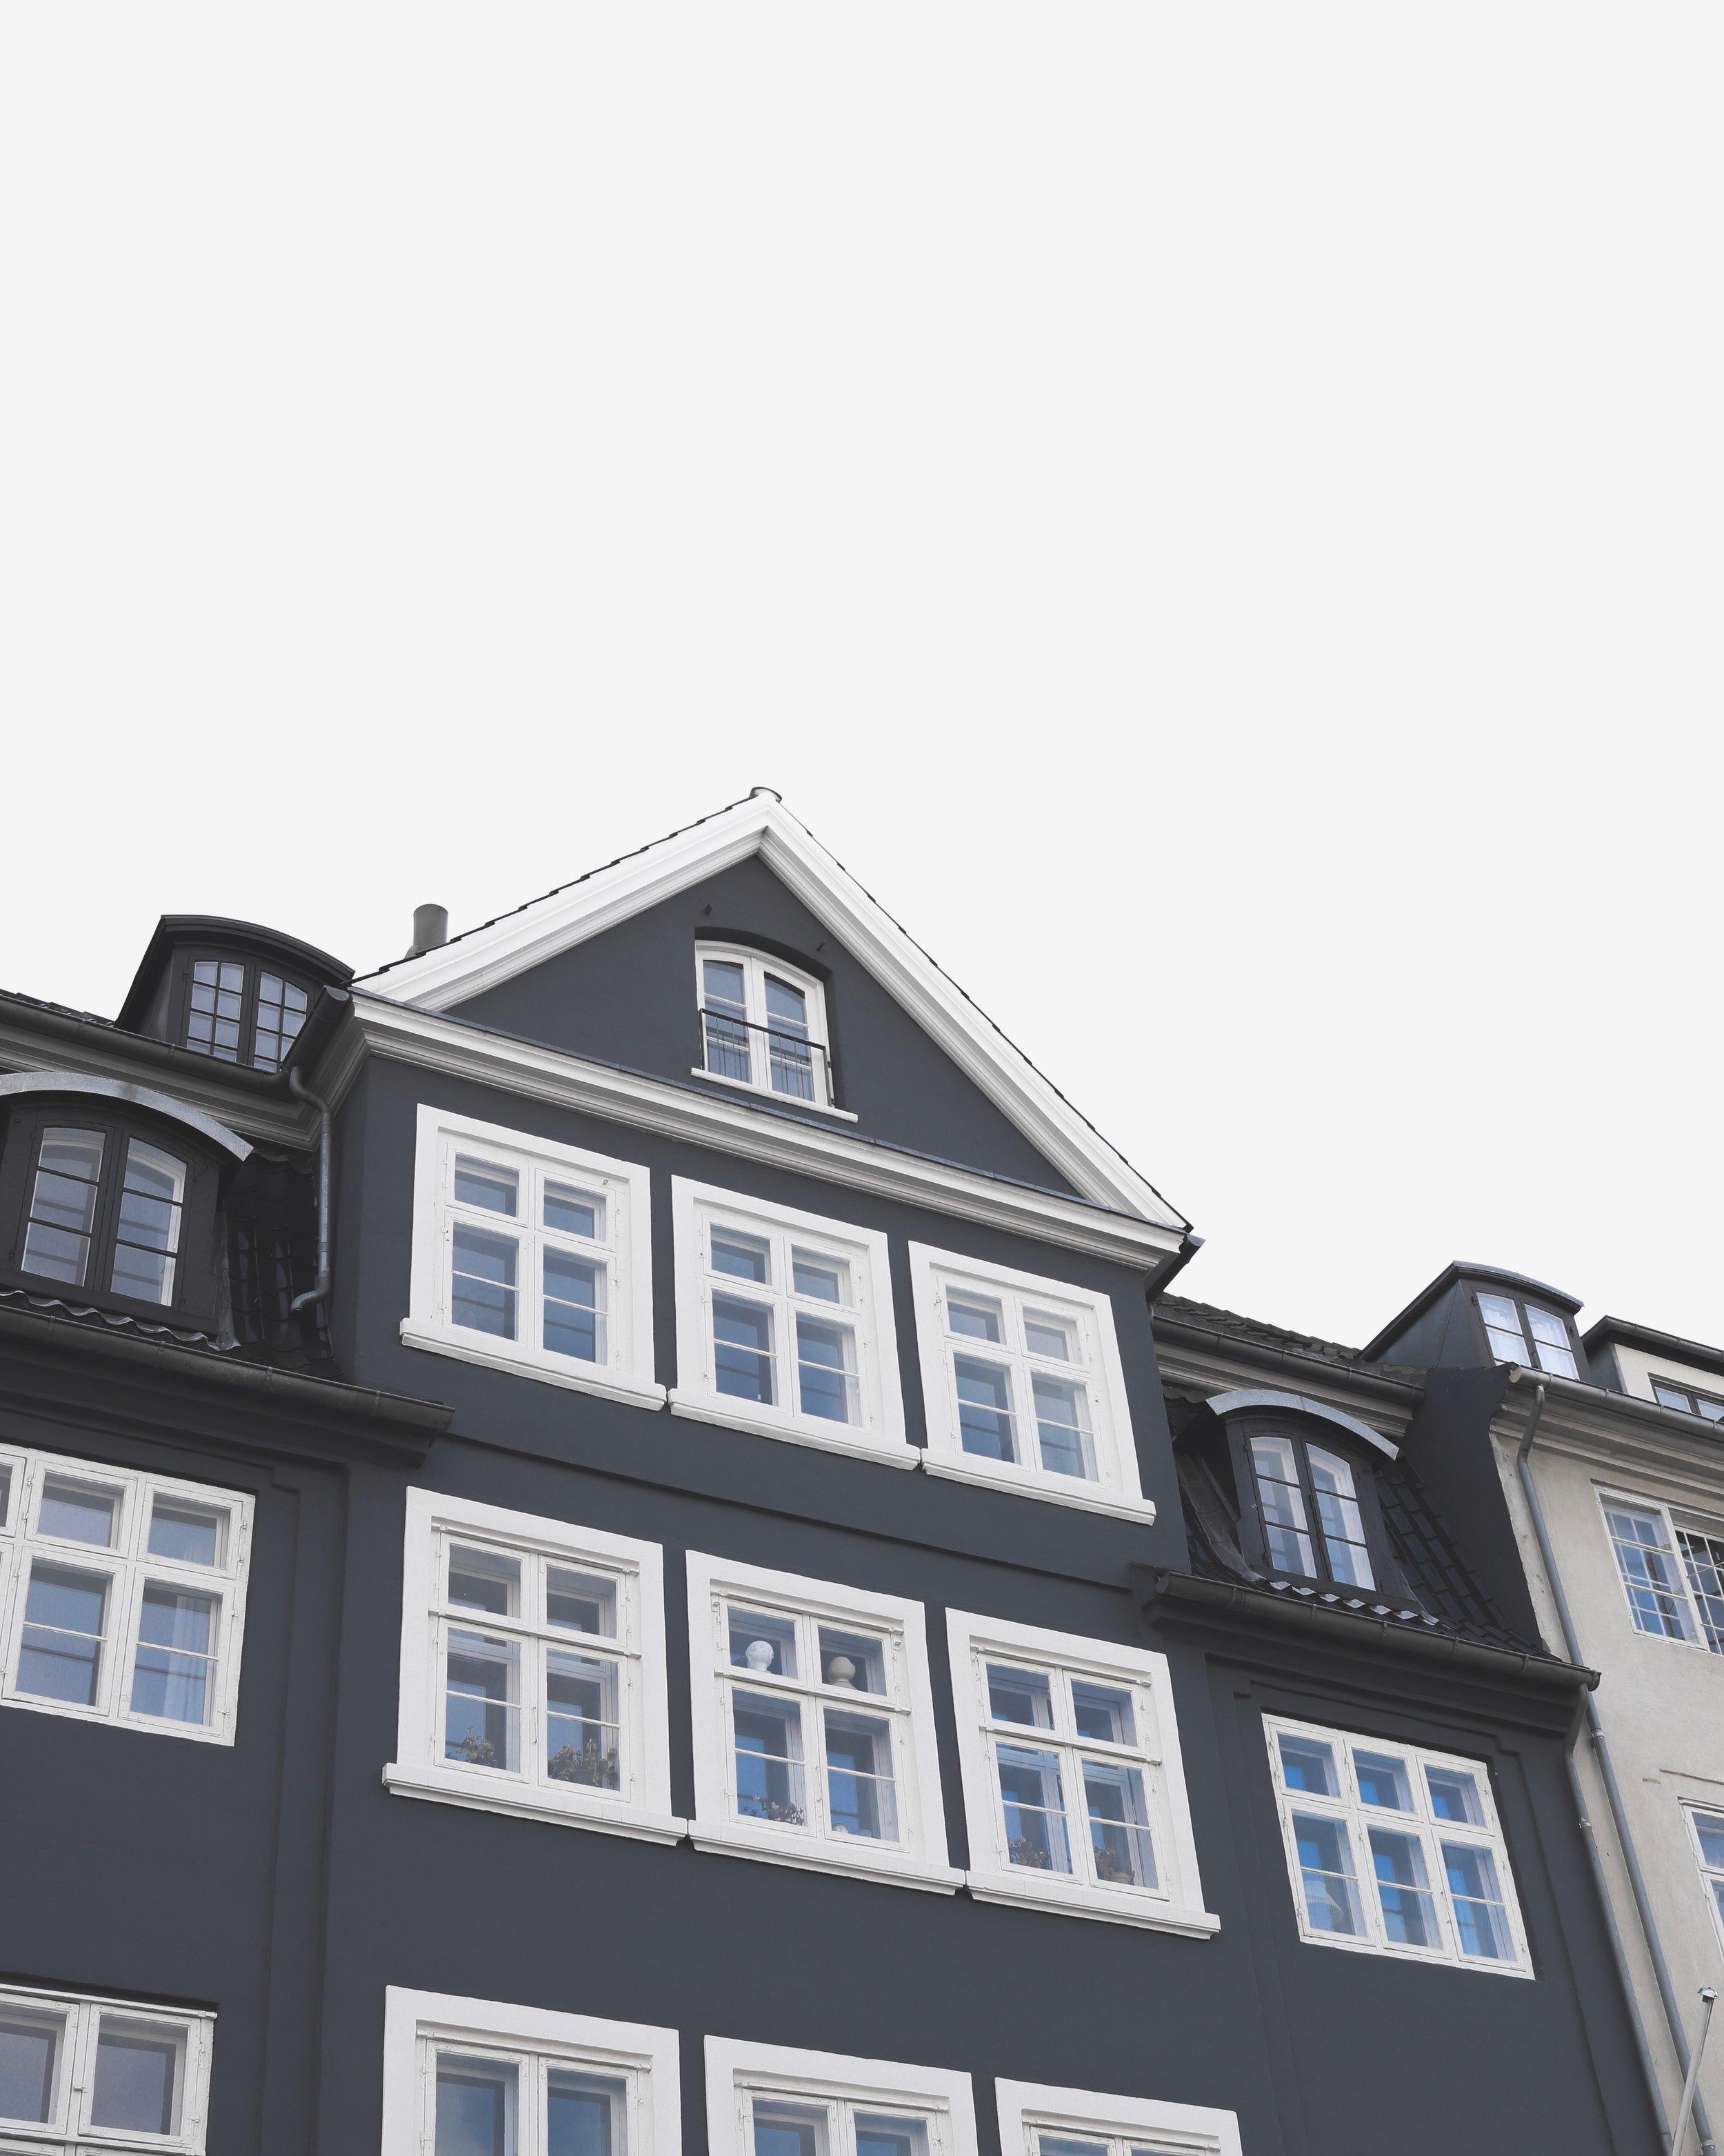 kööpenhamina_nyhavn